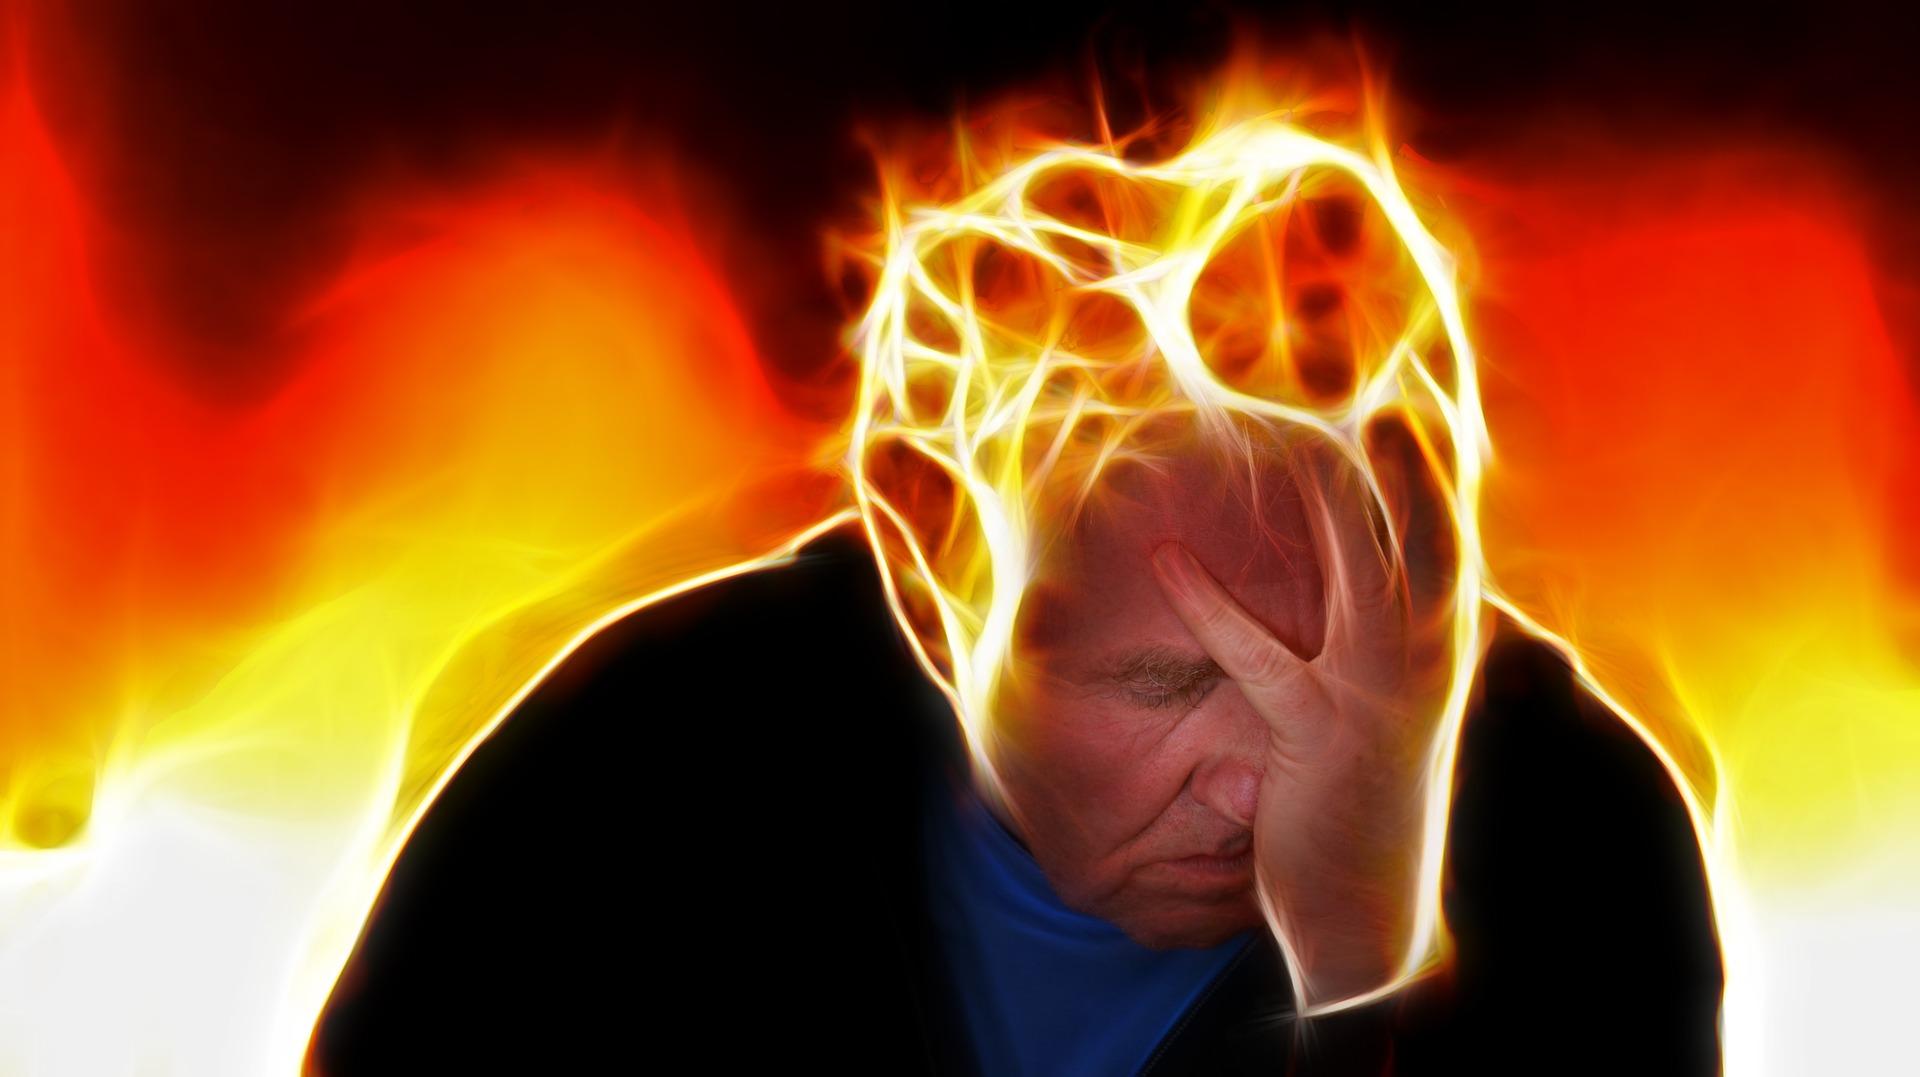 Hilfe gegen unerträgliche Kopfschmerzen an der Stirn